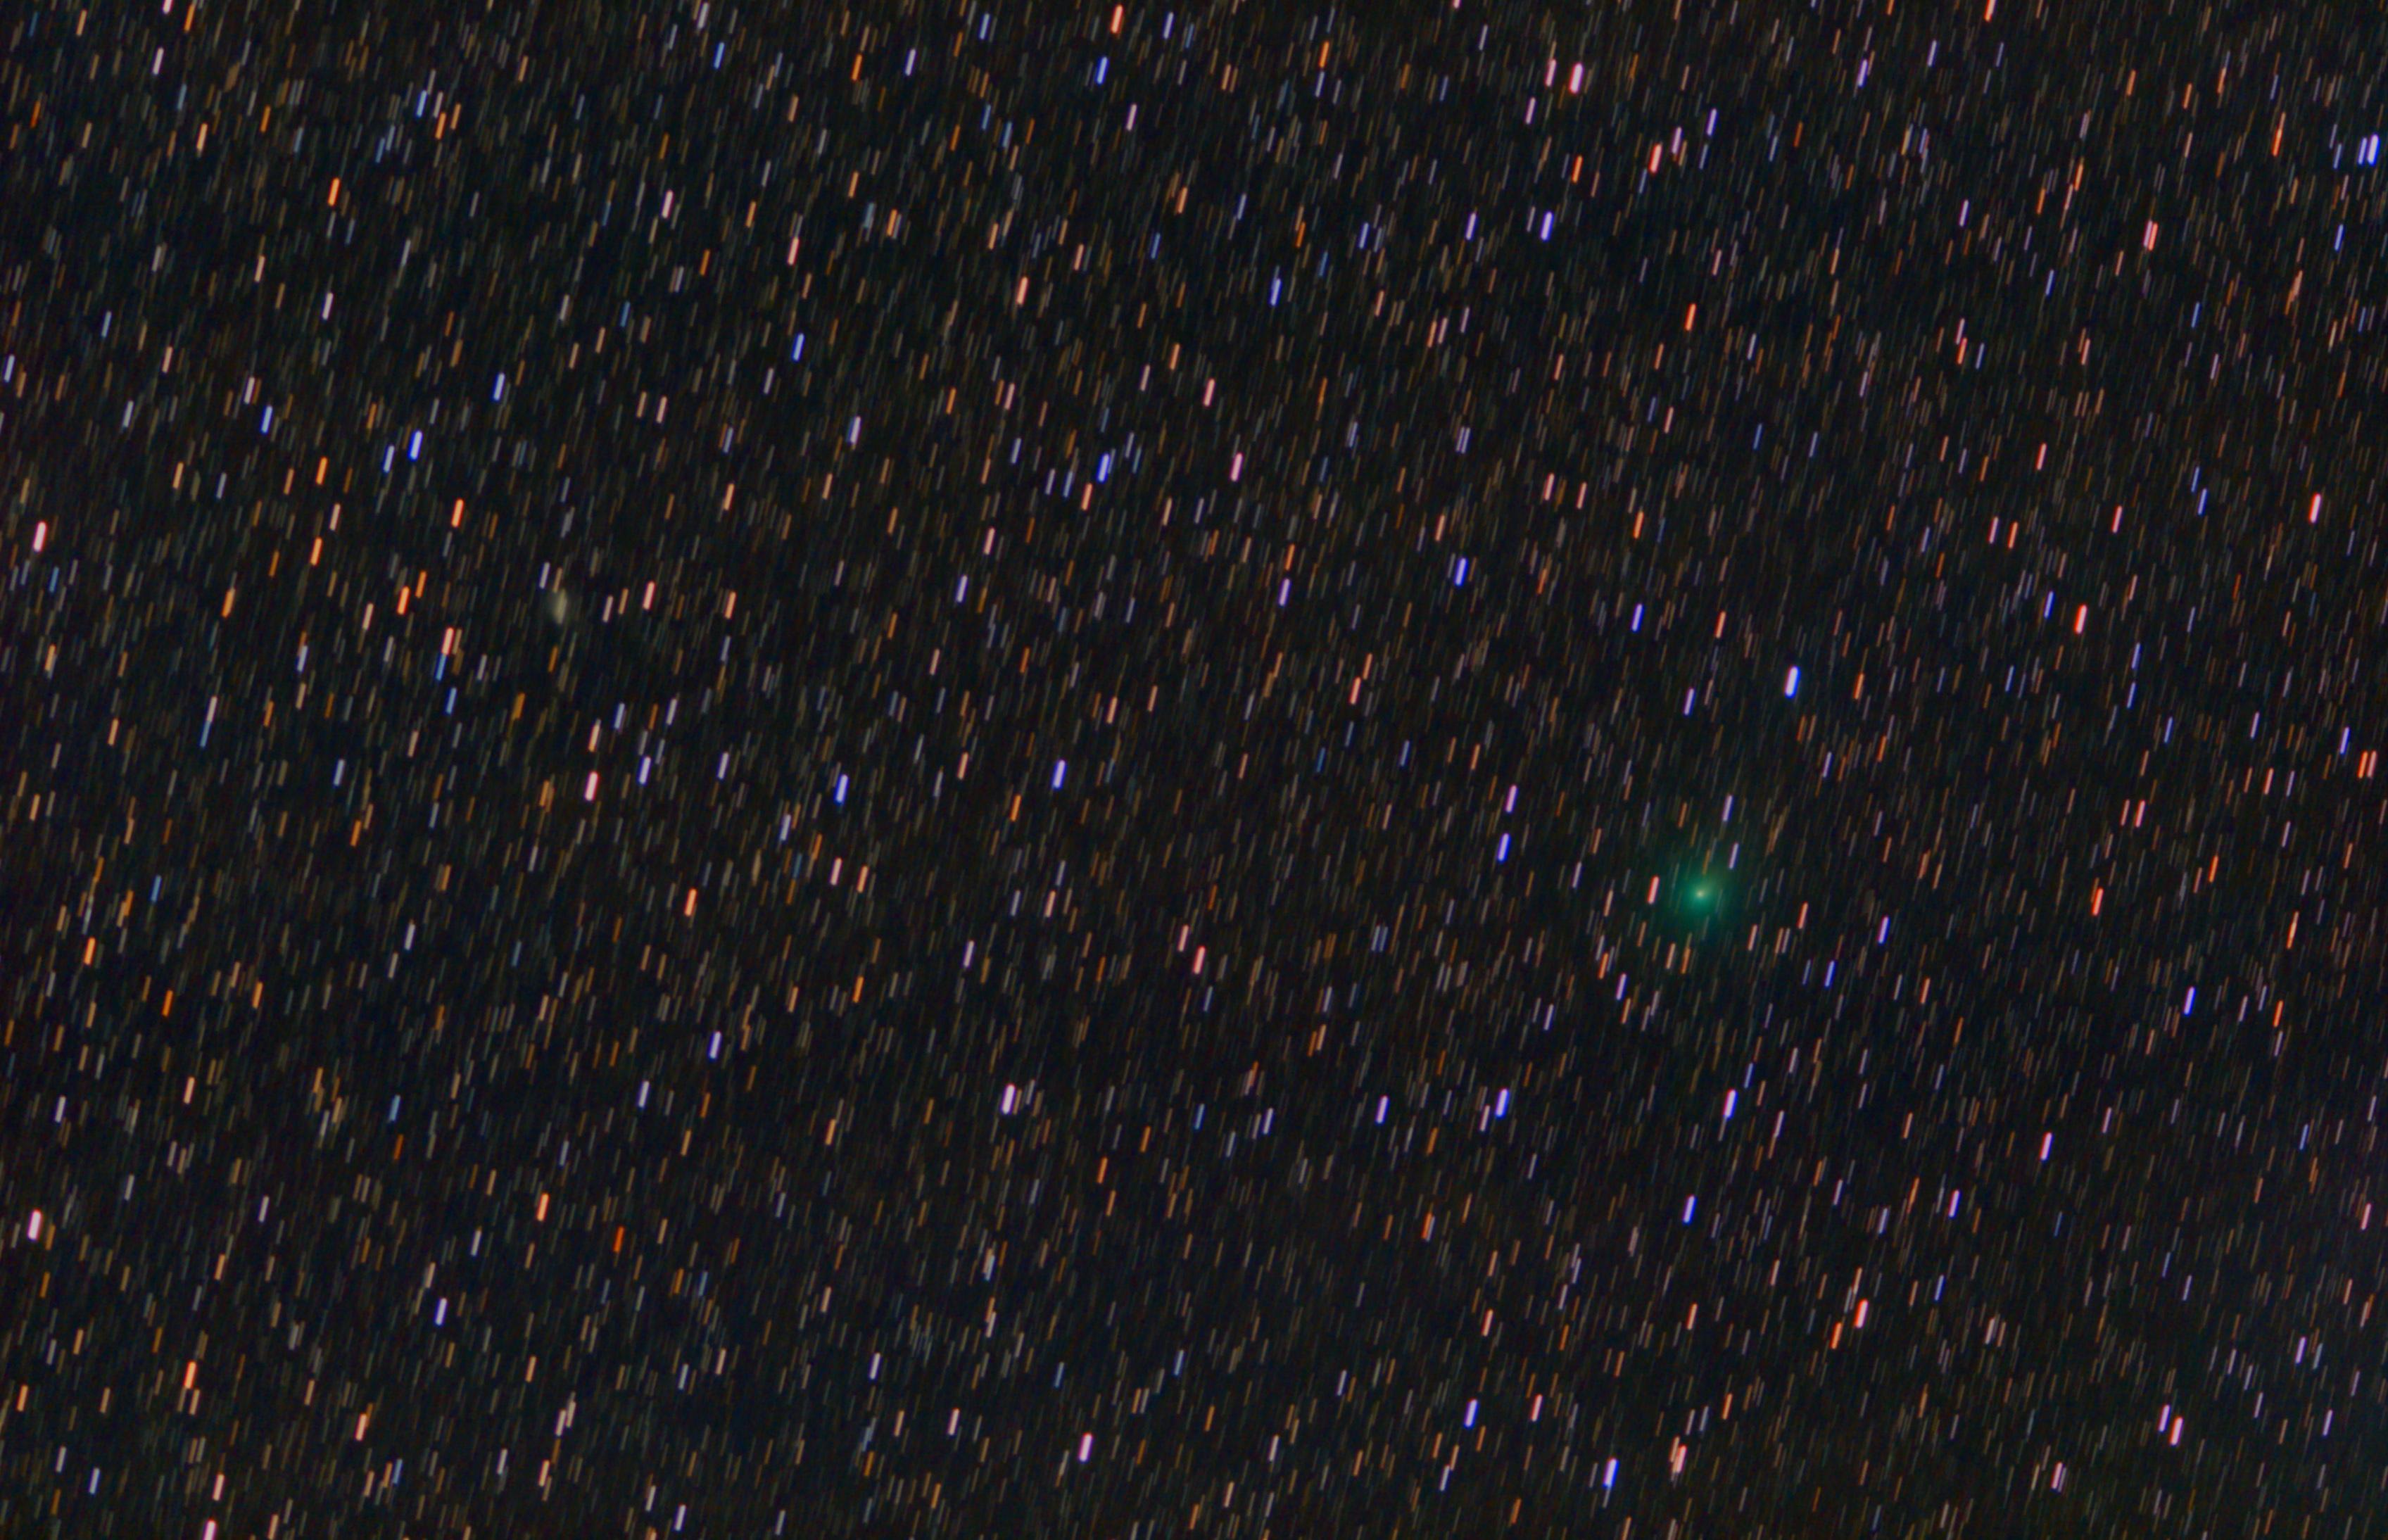 Comète 46P/Wirtanen GC 050119 (comète).jpg